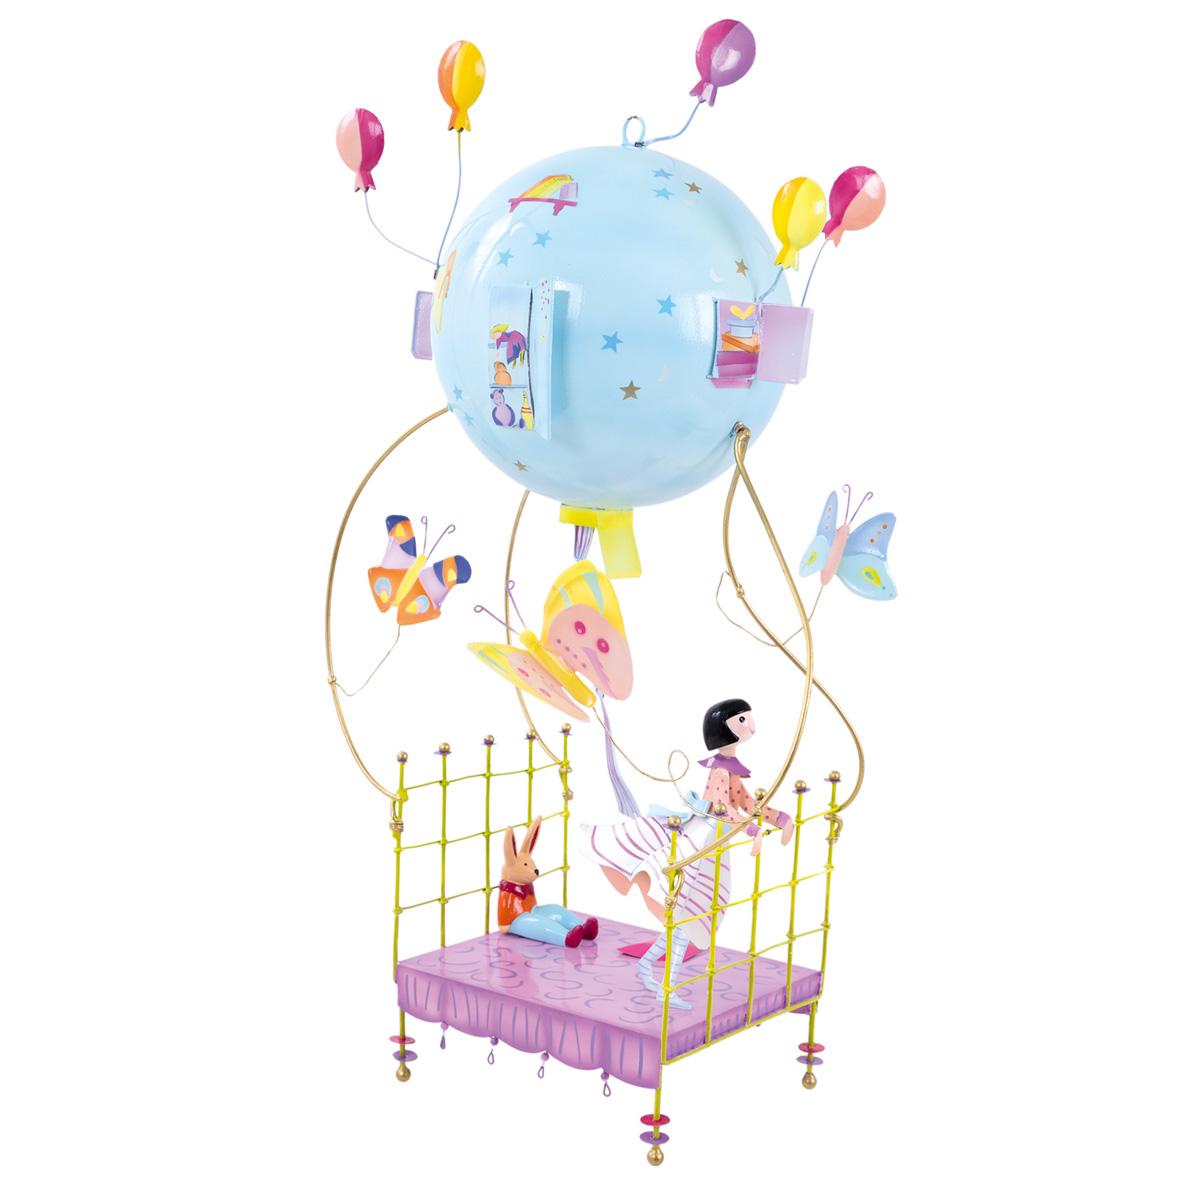 空に浮かぶ風船 「Dream」